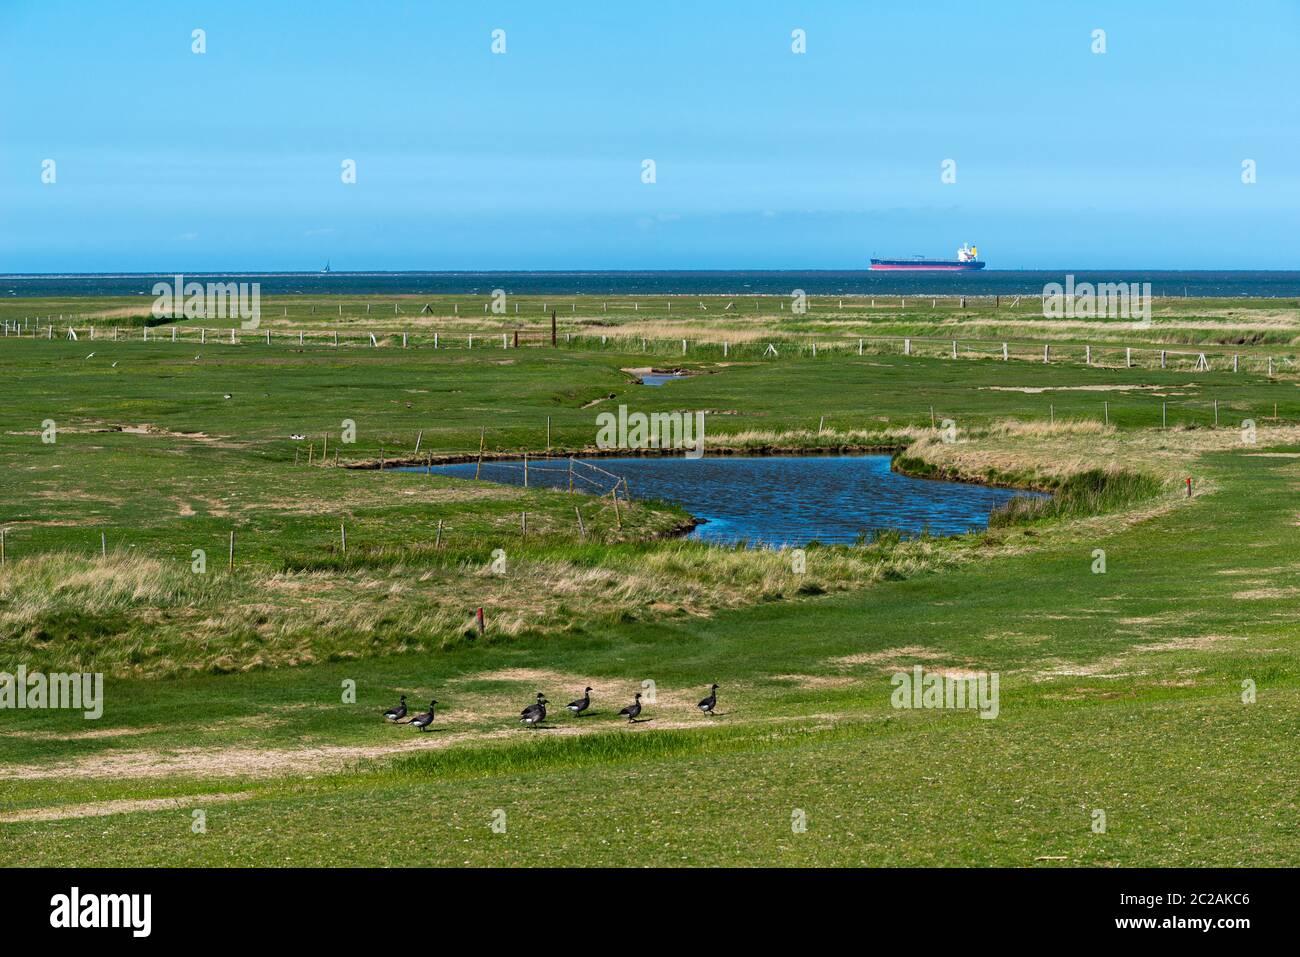 Isla de Neuwerk, Mar del Norte, en el Mar de Wadden, Estado Federal de Hamburgo, Patrimonio de la Humanidad de la UNESCO, Zona II del Parque Nacional, Alemania del Norte, Europa Foto de stock